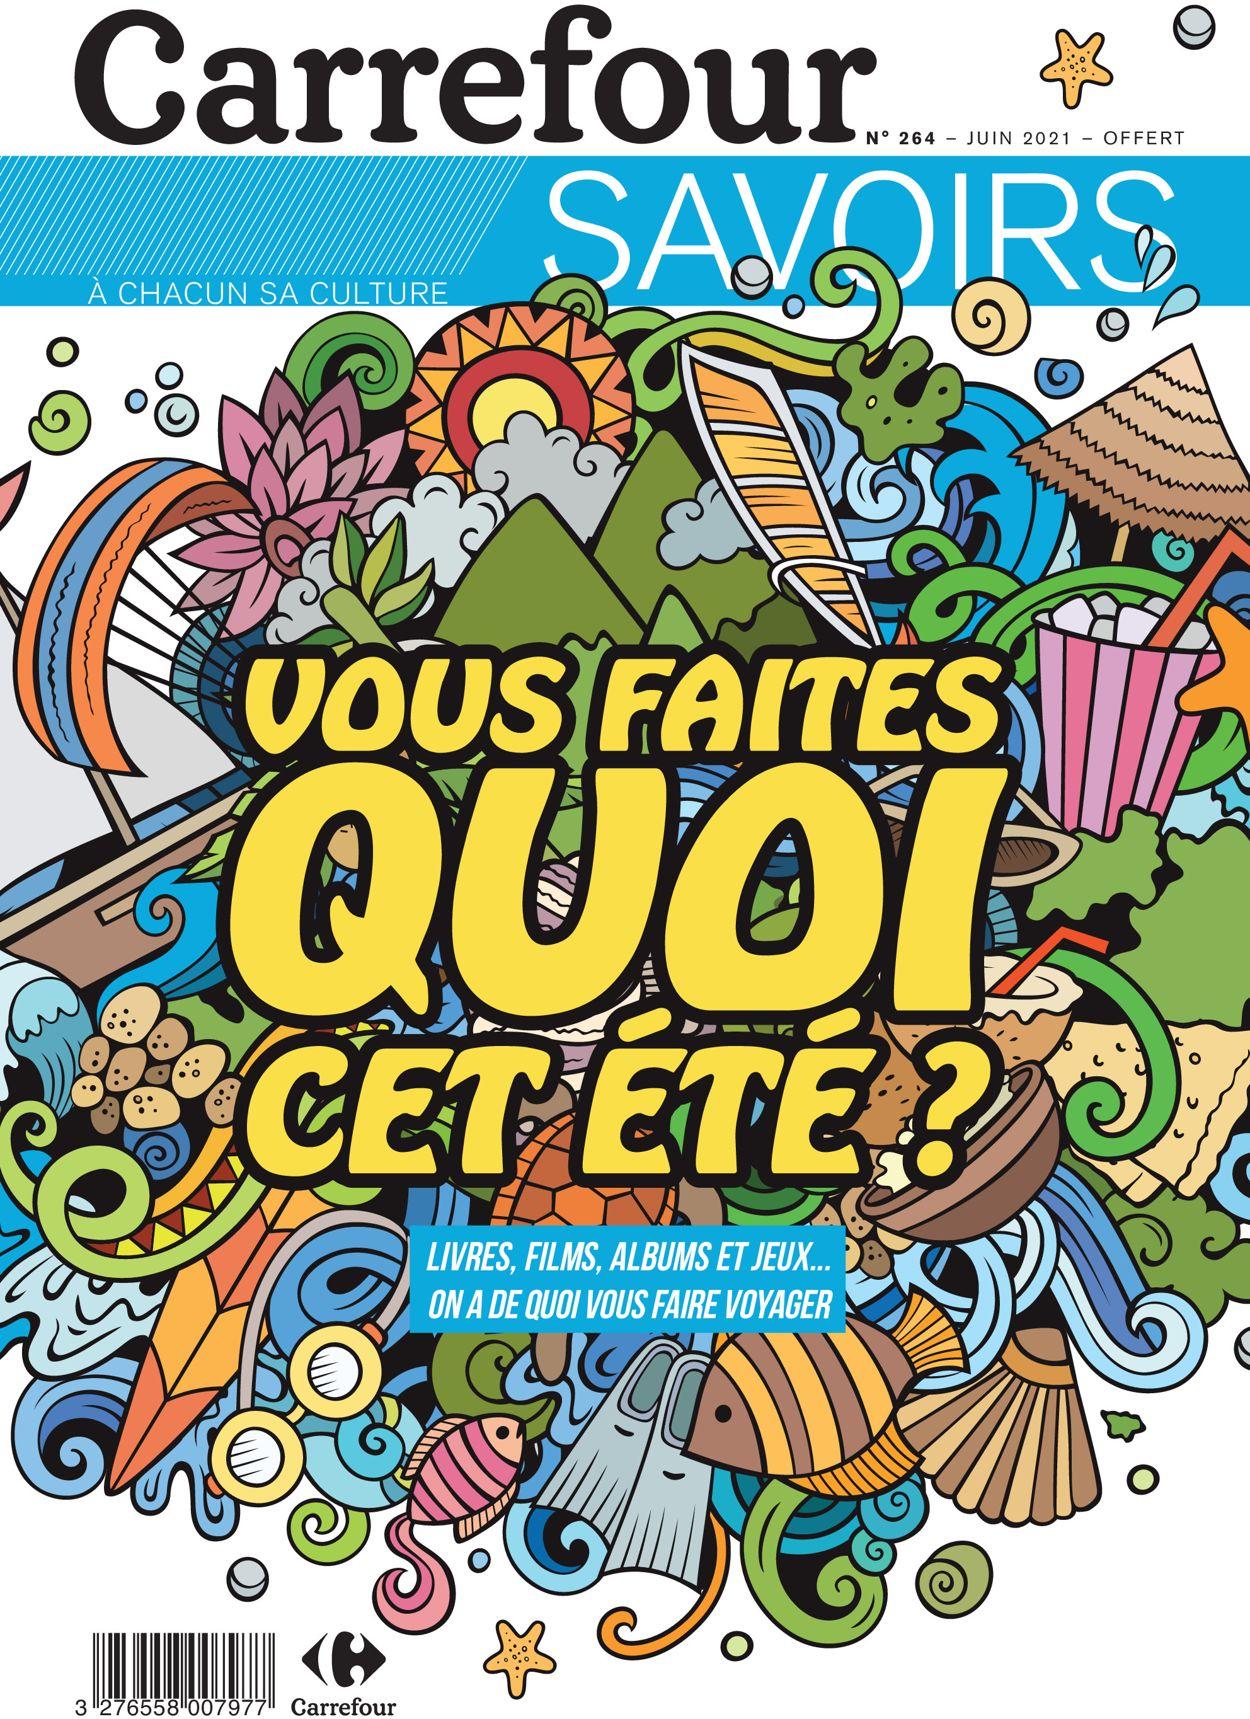 Carrefour Catalogue - 01.06-30.06.2021